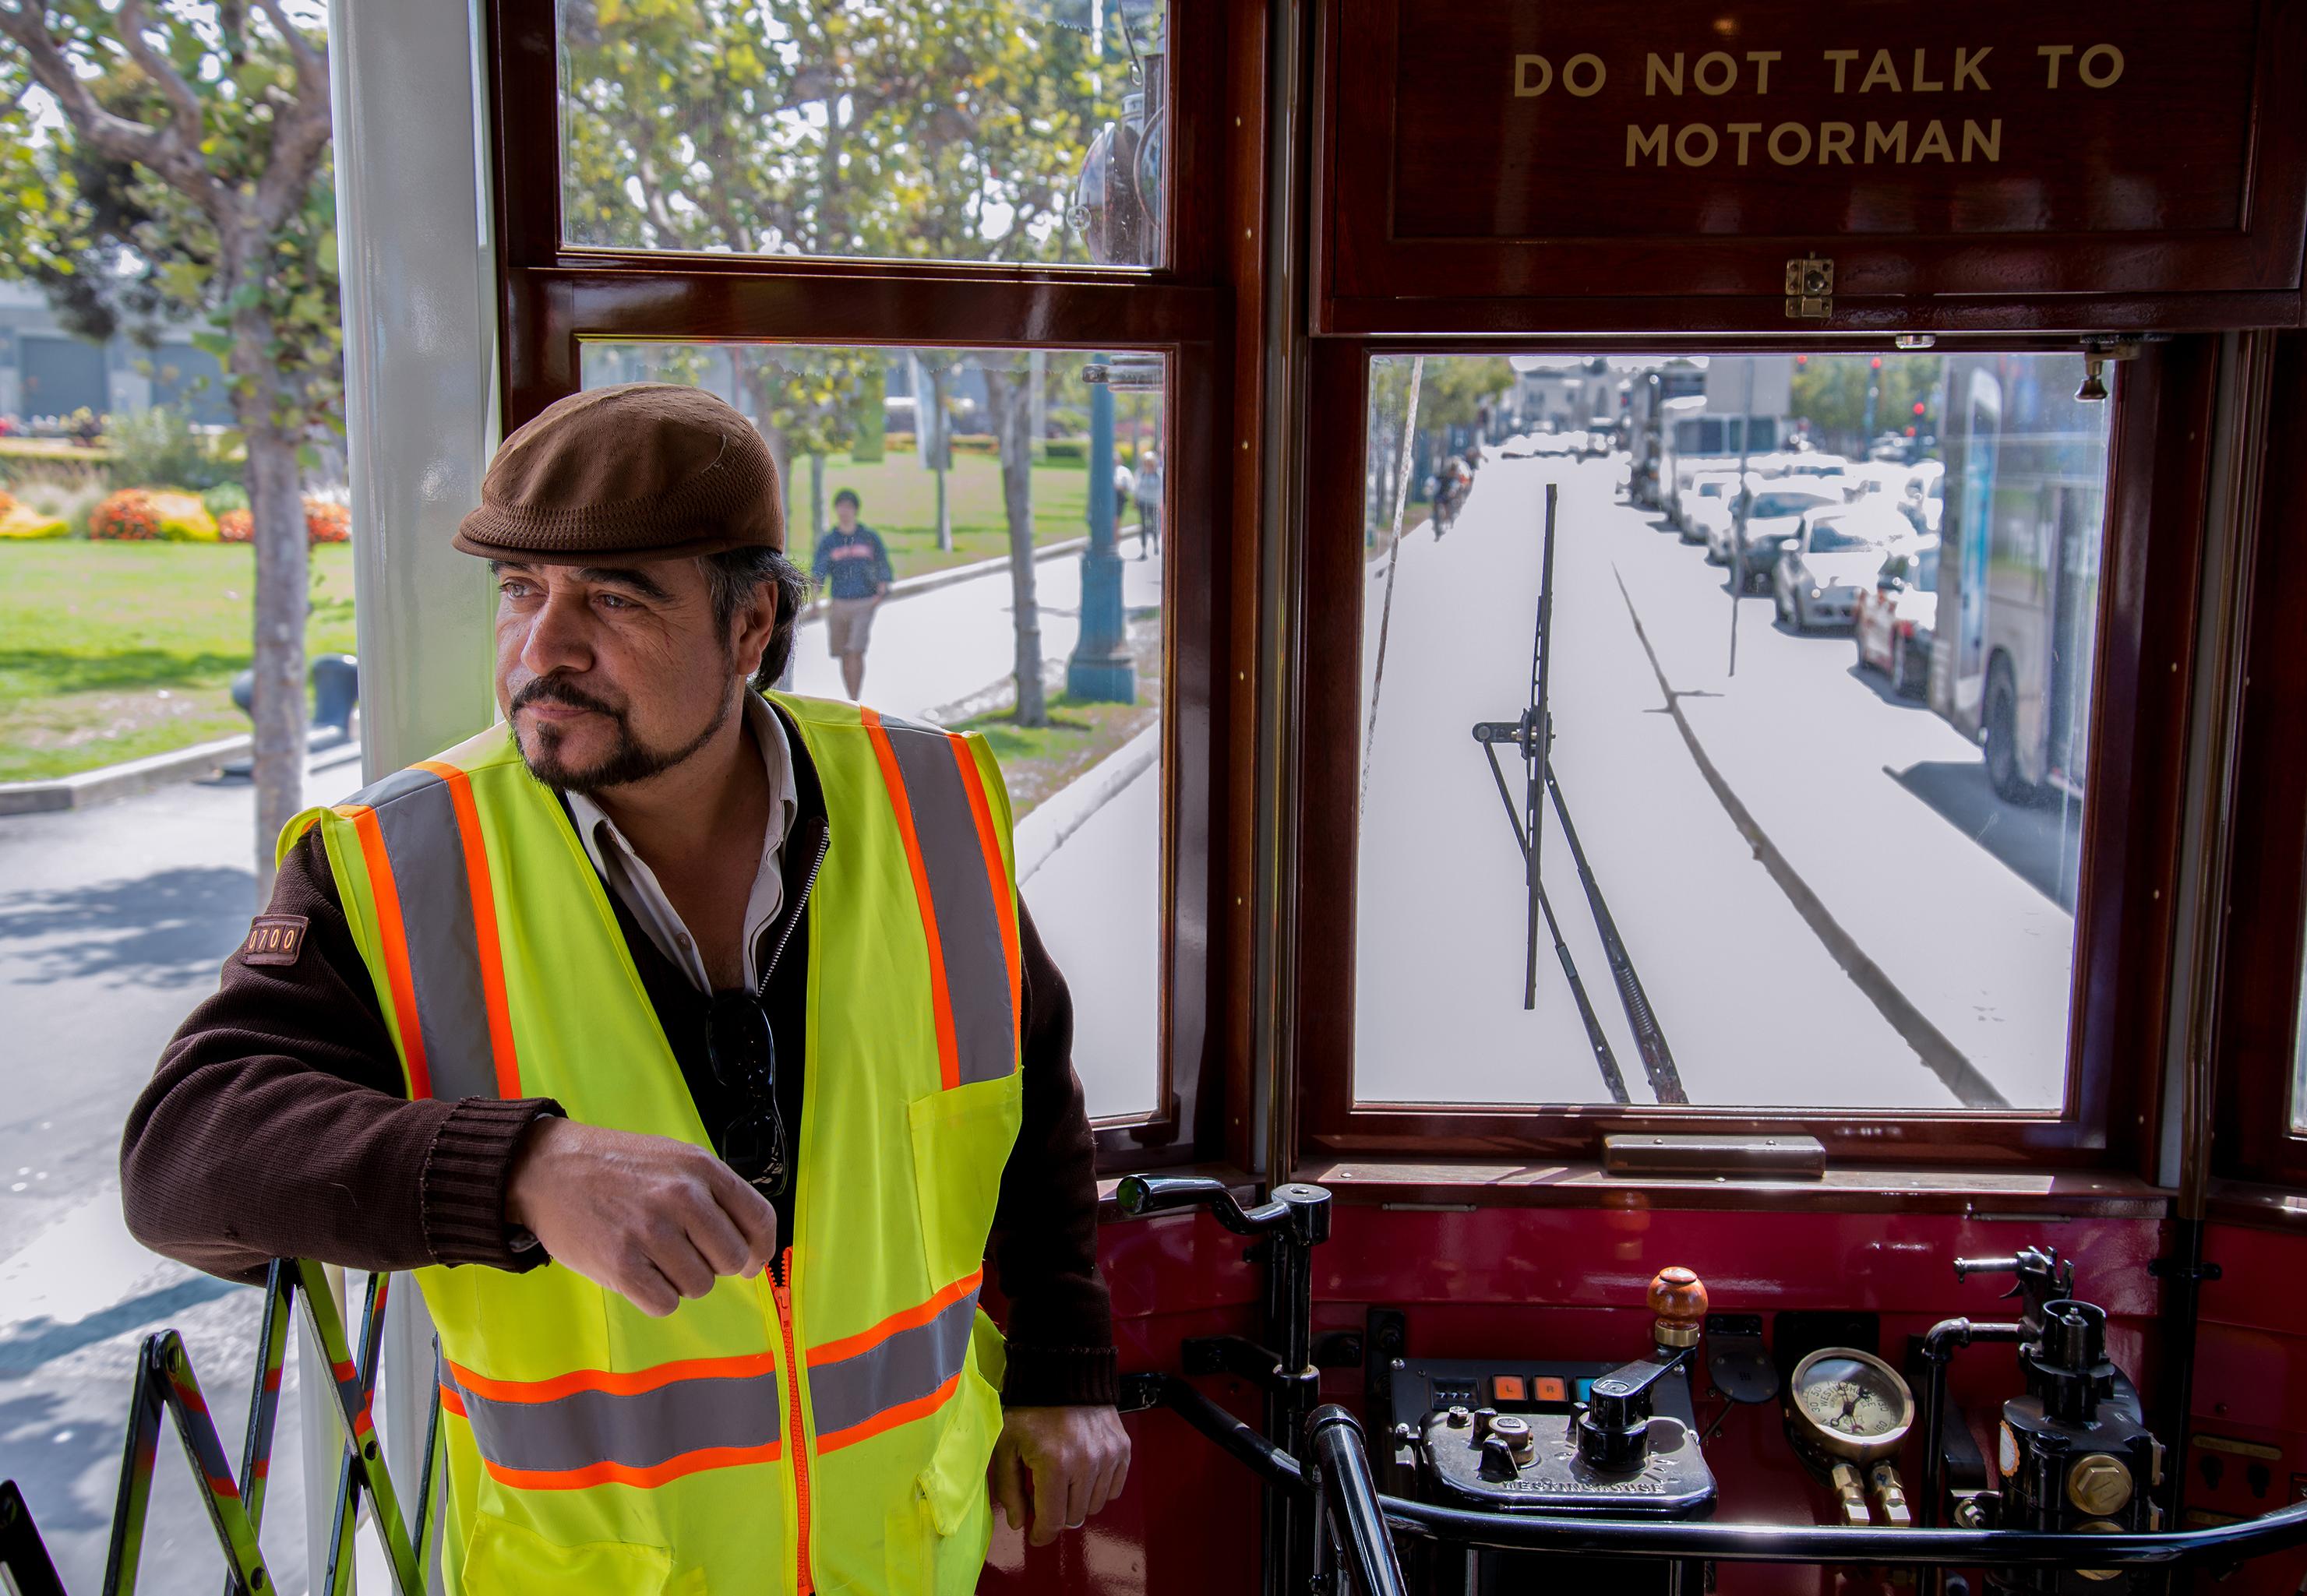 Motorman-San Francisco Cable Car